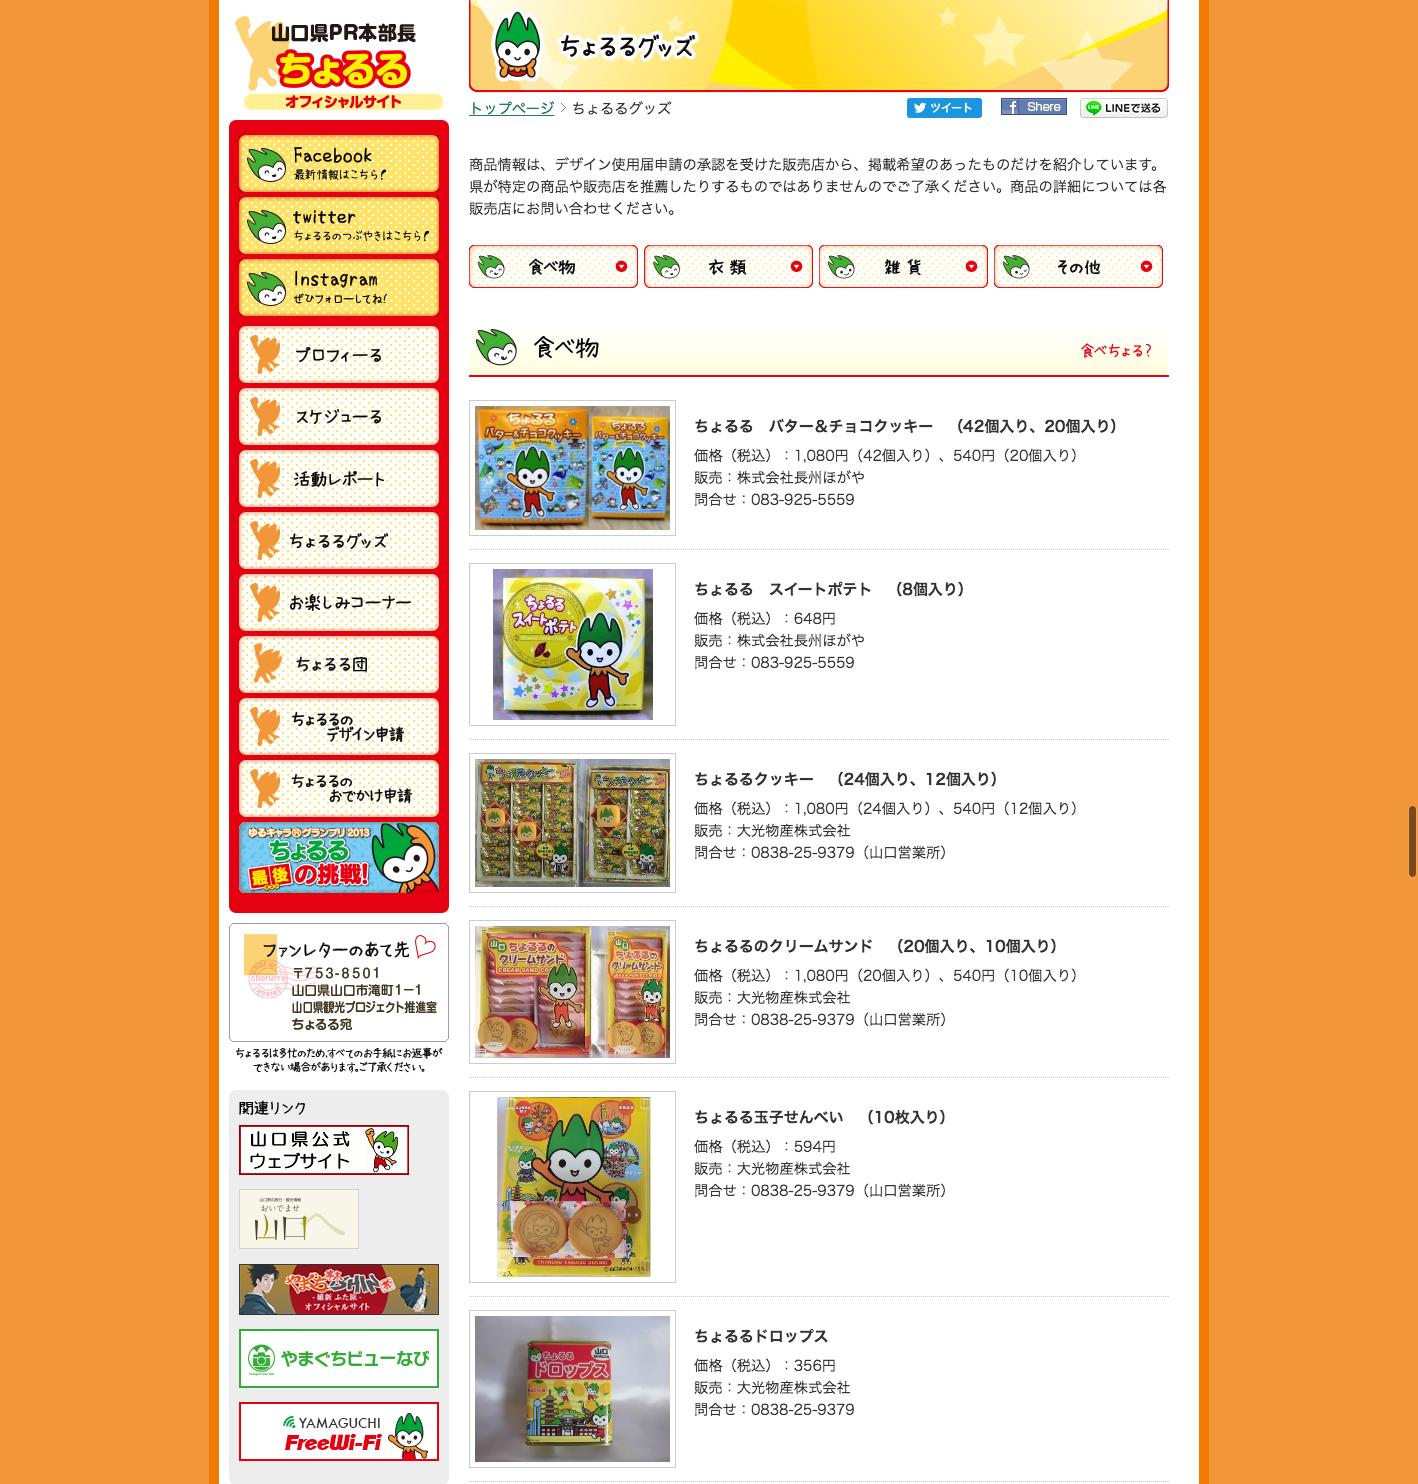 FireShot Capture 58 - ちょるるグッズ| 山口県PR本部長ちょるるオフィシャルサイト - http___choruru.jp_goods